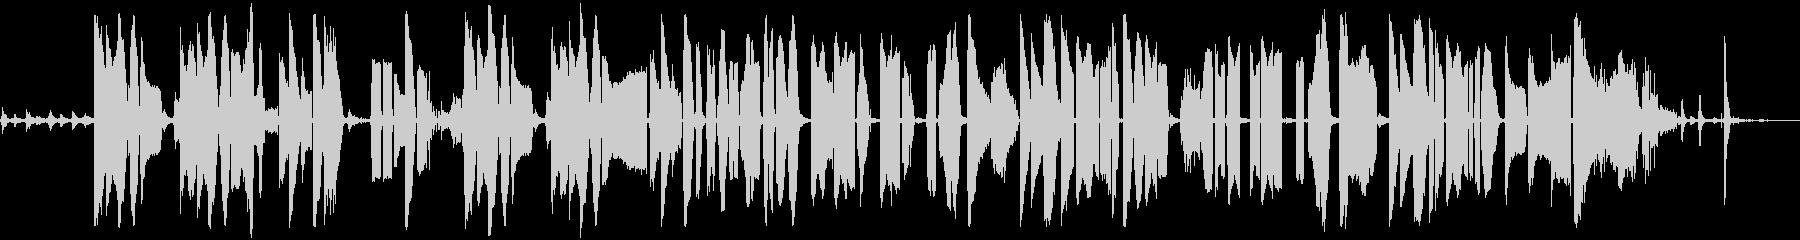 ジングルスメルズ(ラジオ編集)、漫...の未再生の波形